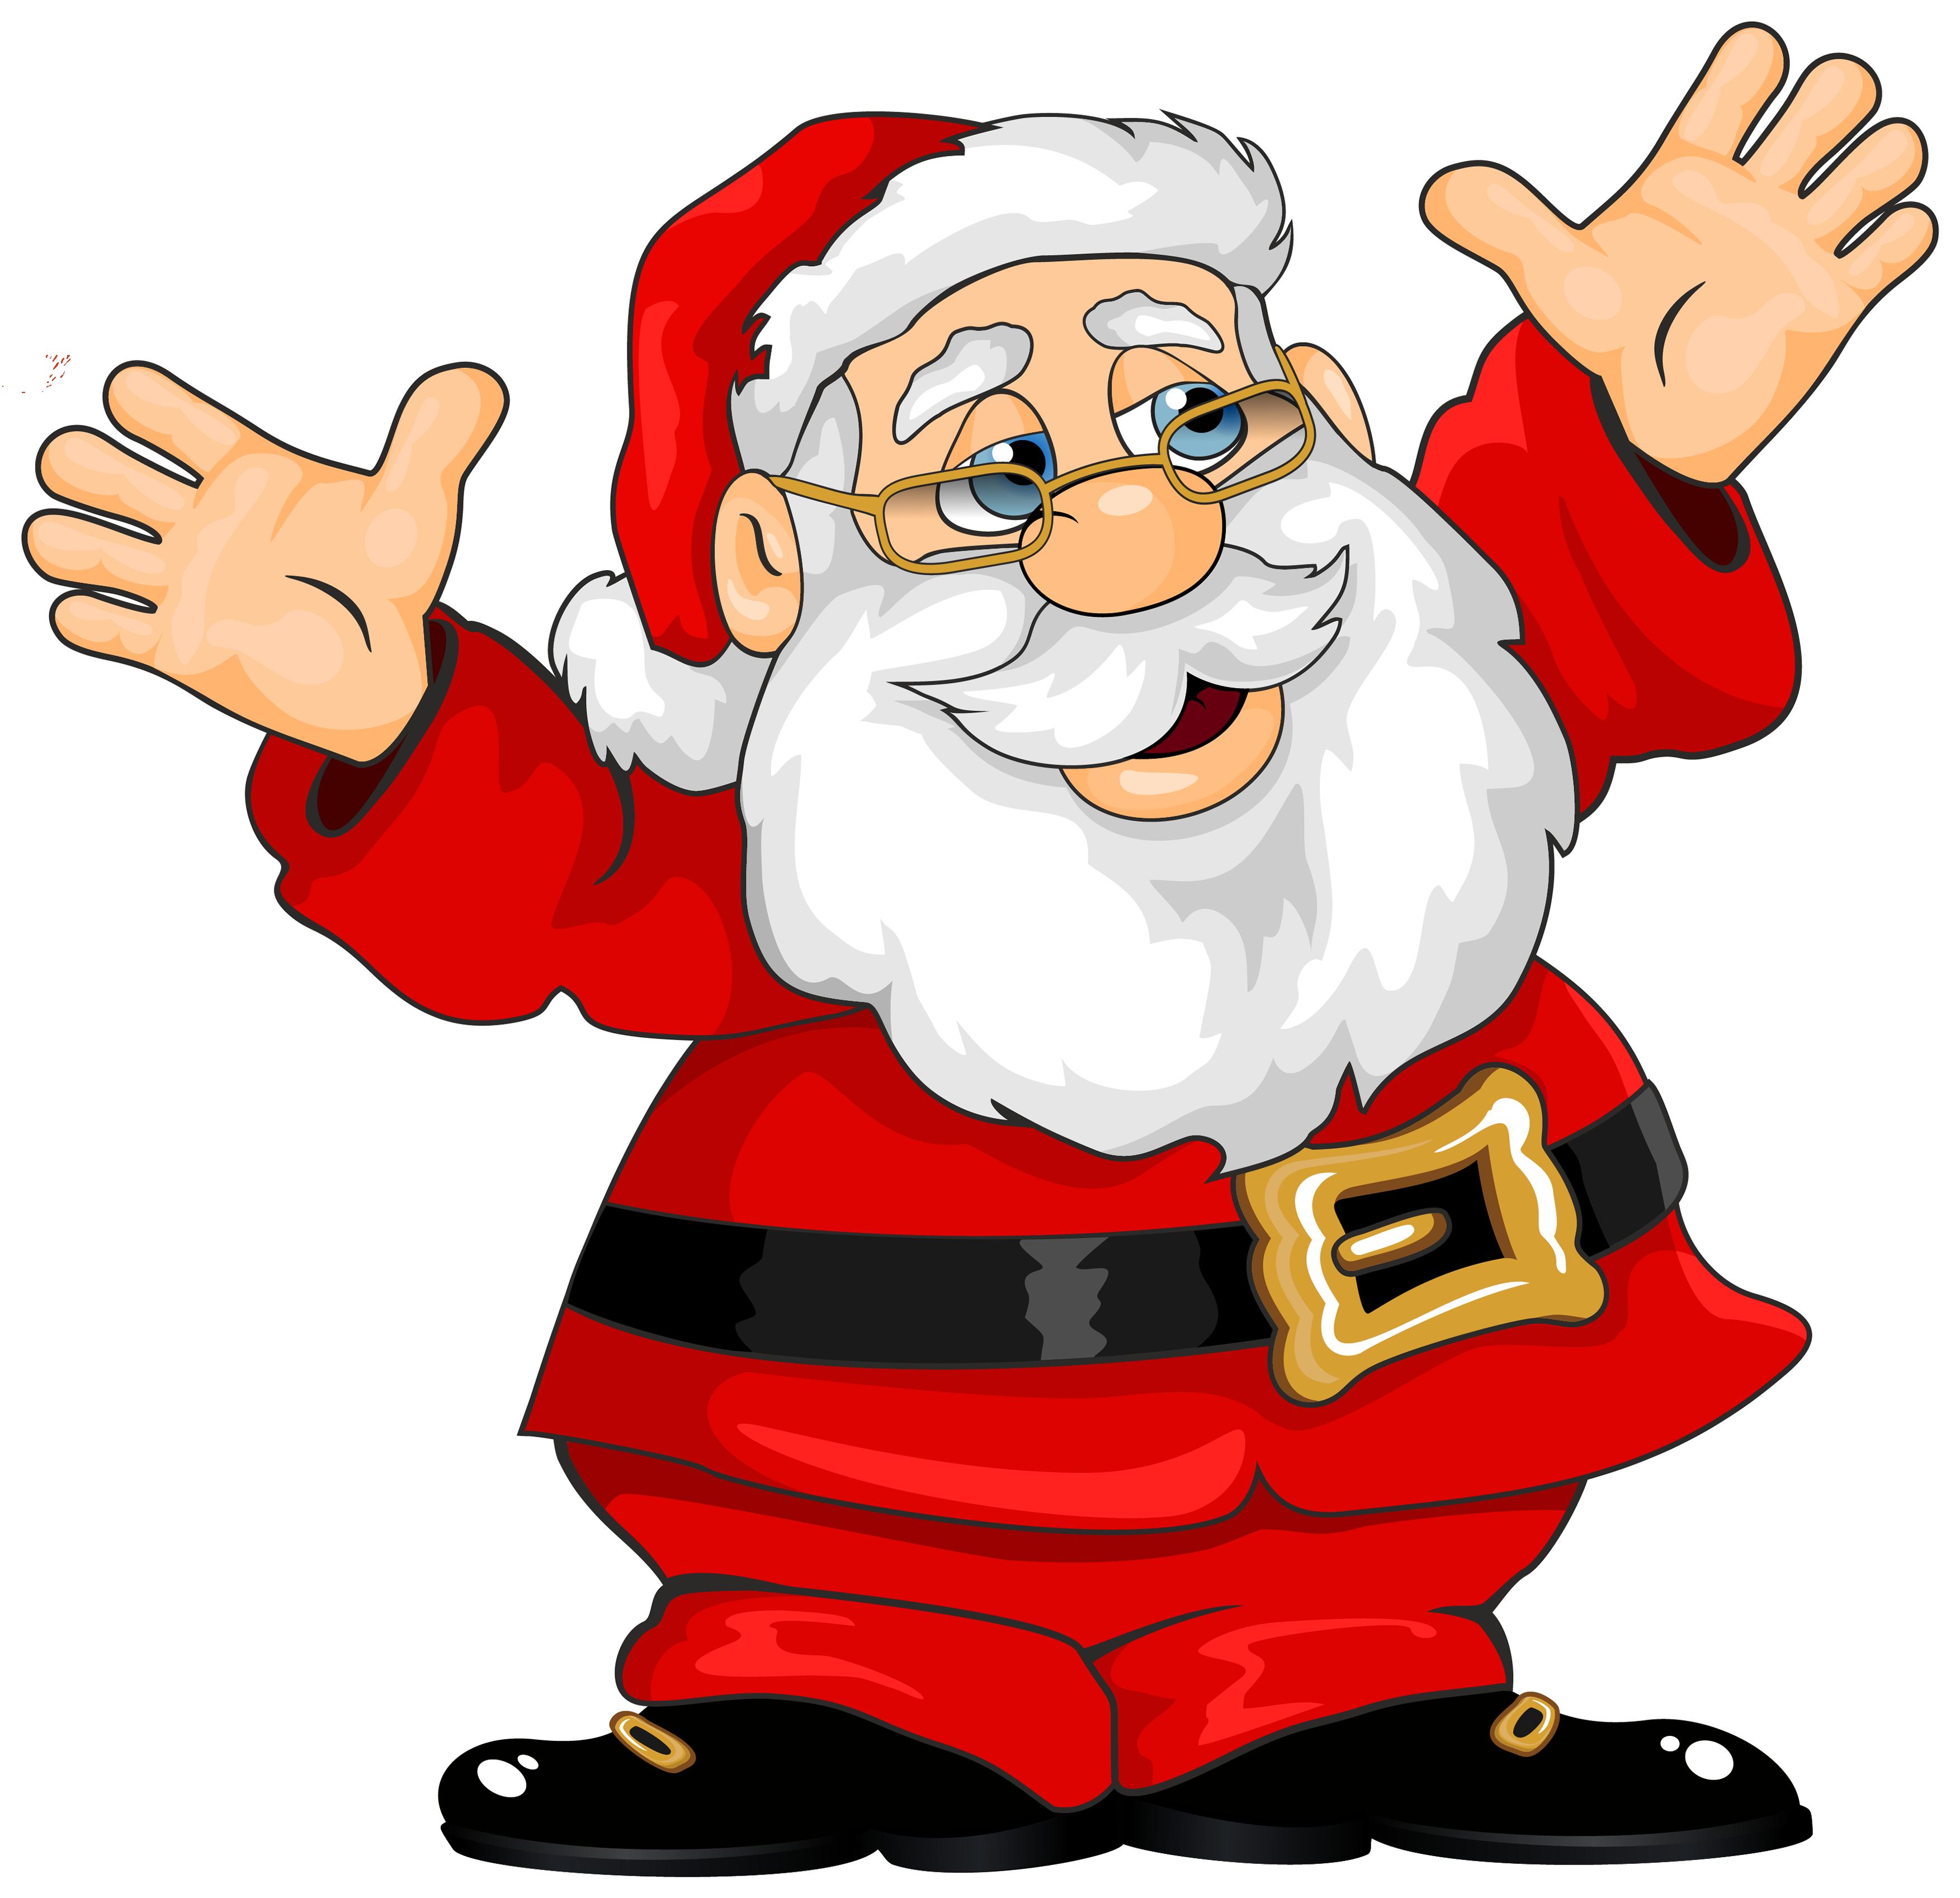 Santa Claus Png Image Santa Claus Pictures Santa Claus Drawing Santa Claus Clipart